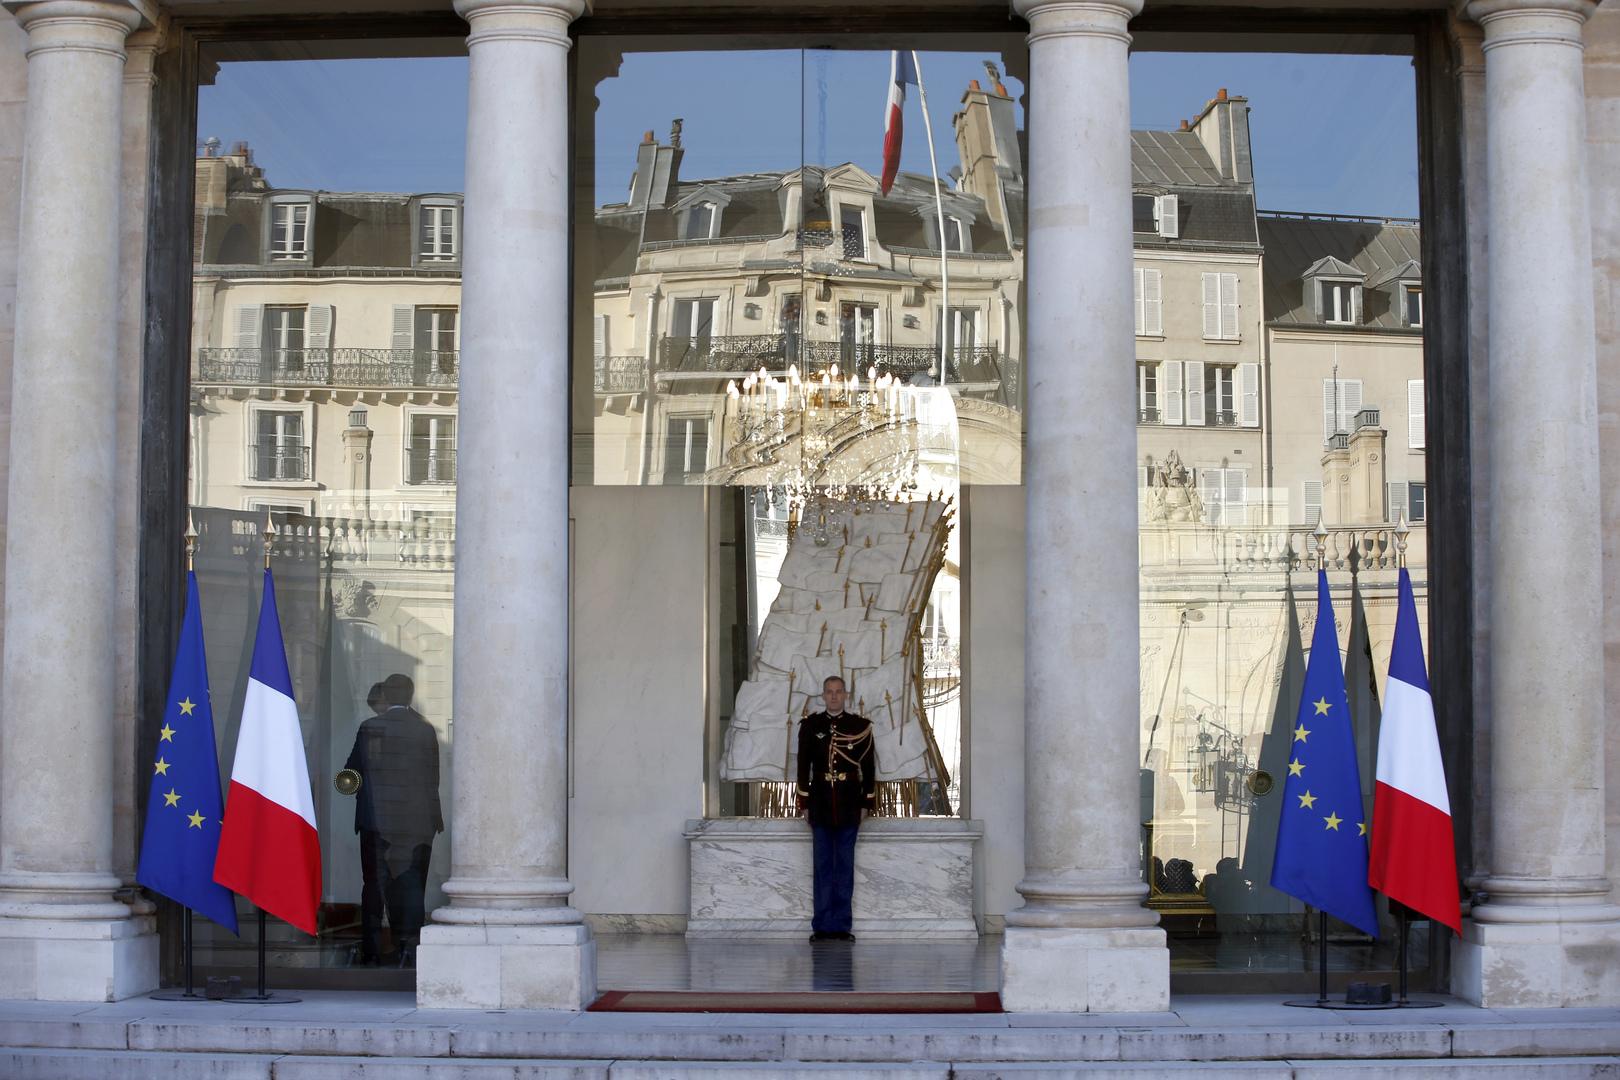 قصر الاليزيه في العاصمة الفرنسية باريس